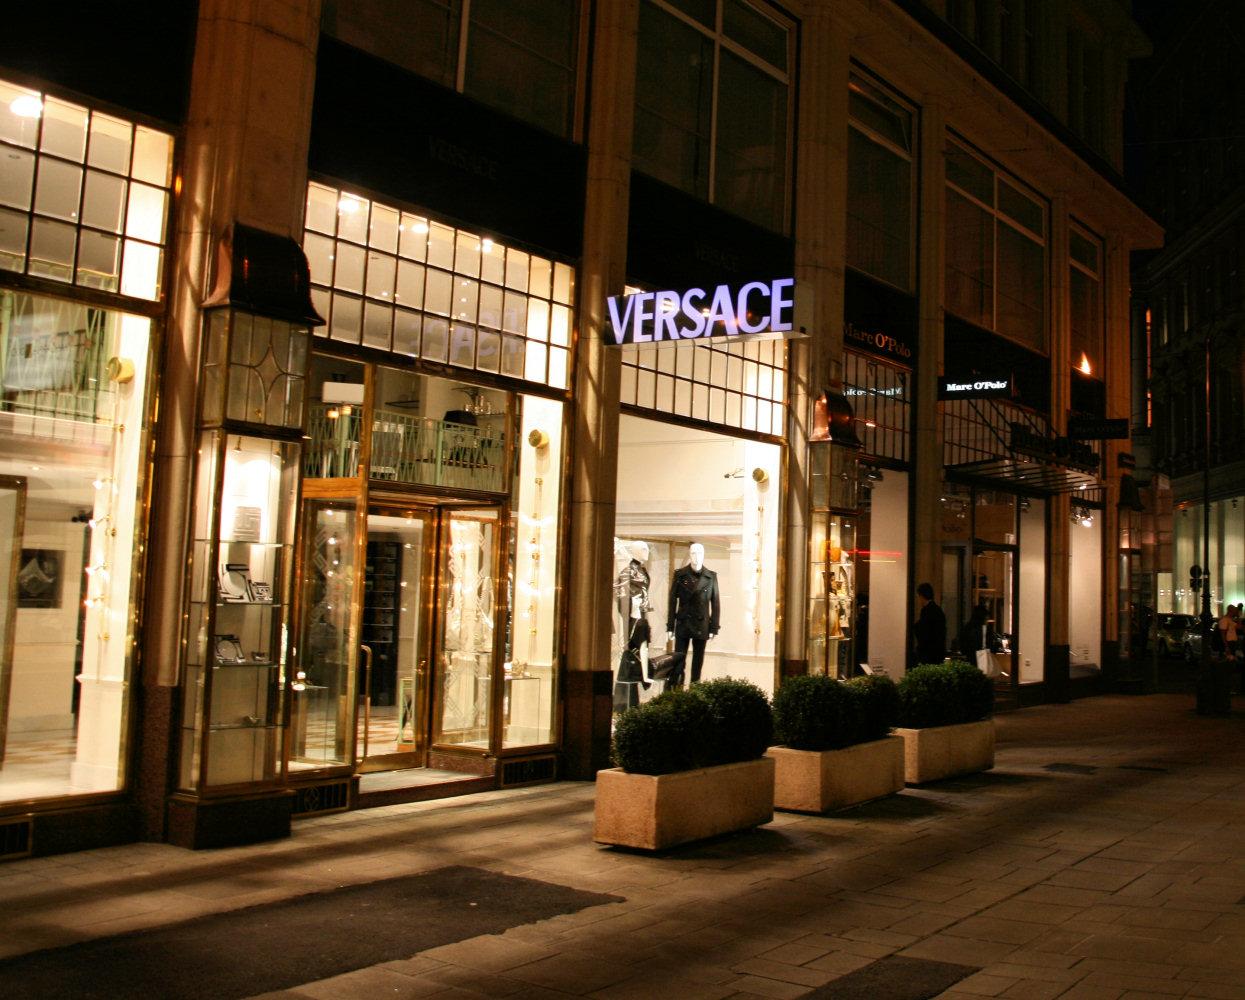 Via Montenapoleone, zona comercial de lujo de Milán